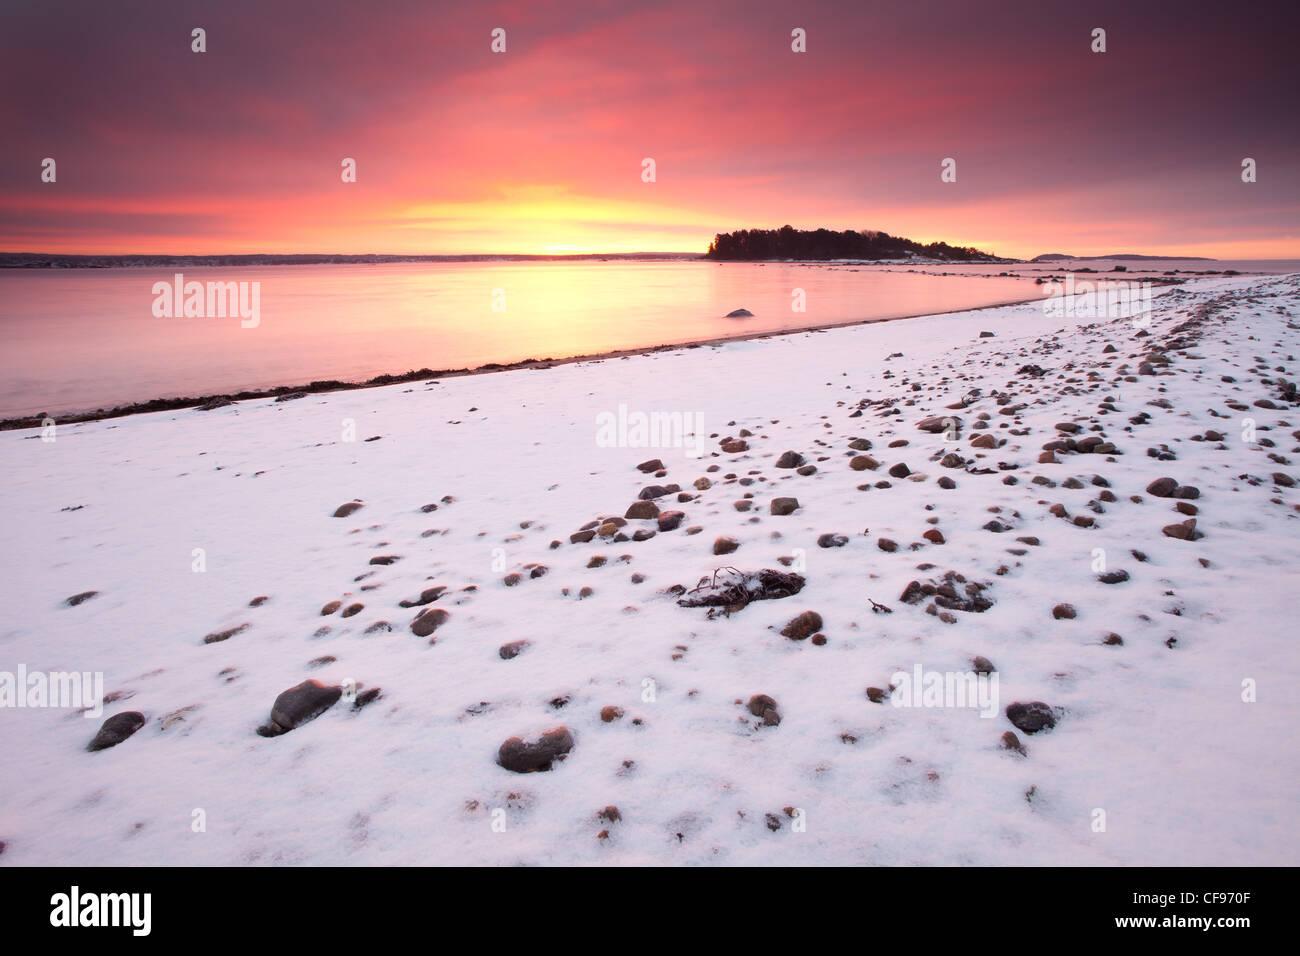 Hermosa mañana de invierno por el Fiordo de Oslo, en Larkollen en Rygge, Østfold fylke, Noruega. Imagen De Stock